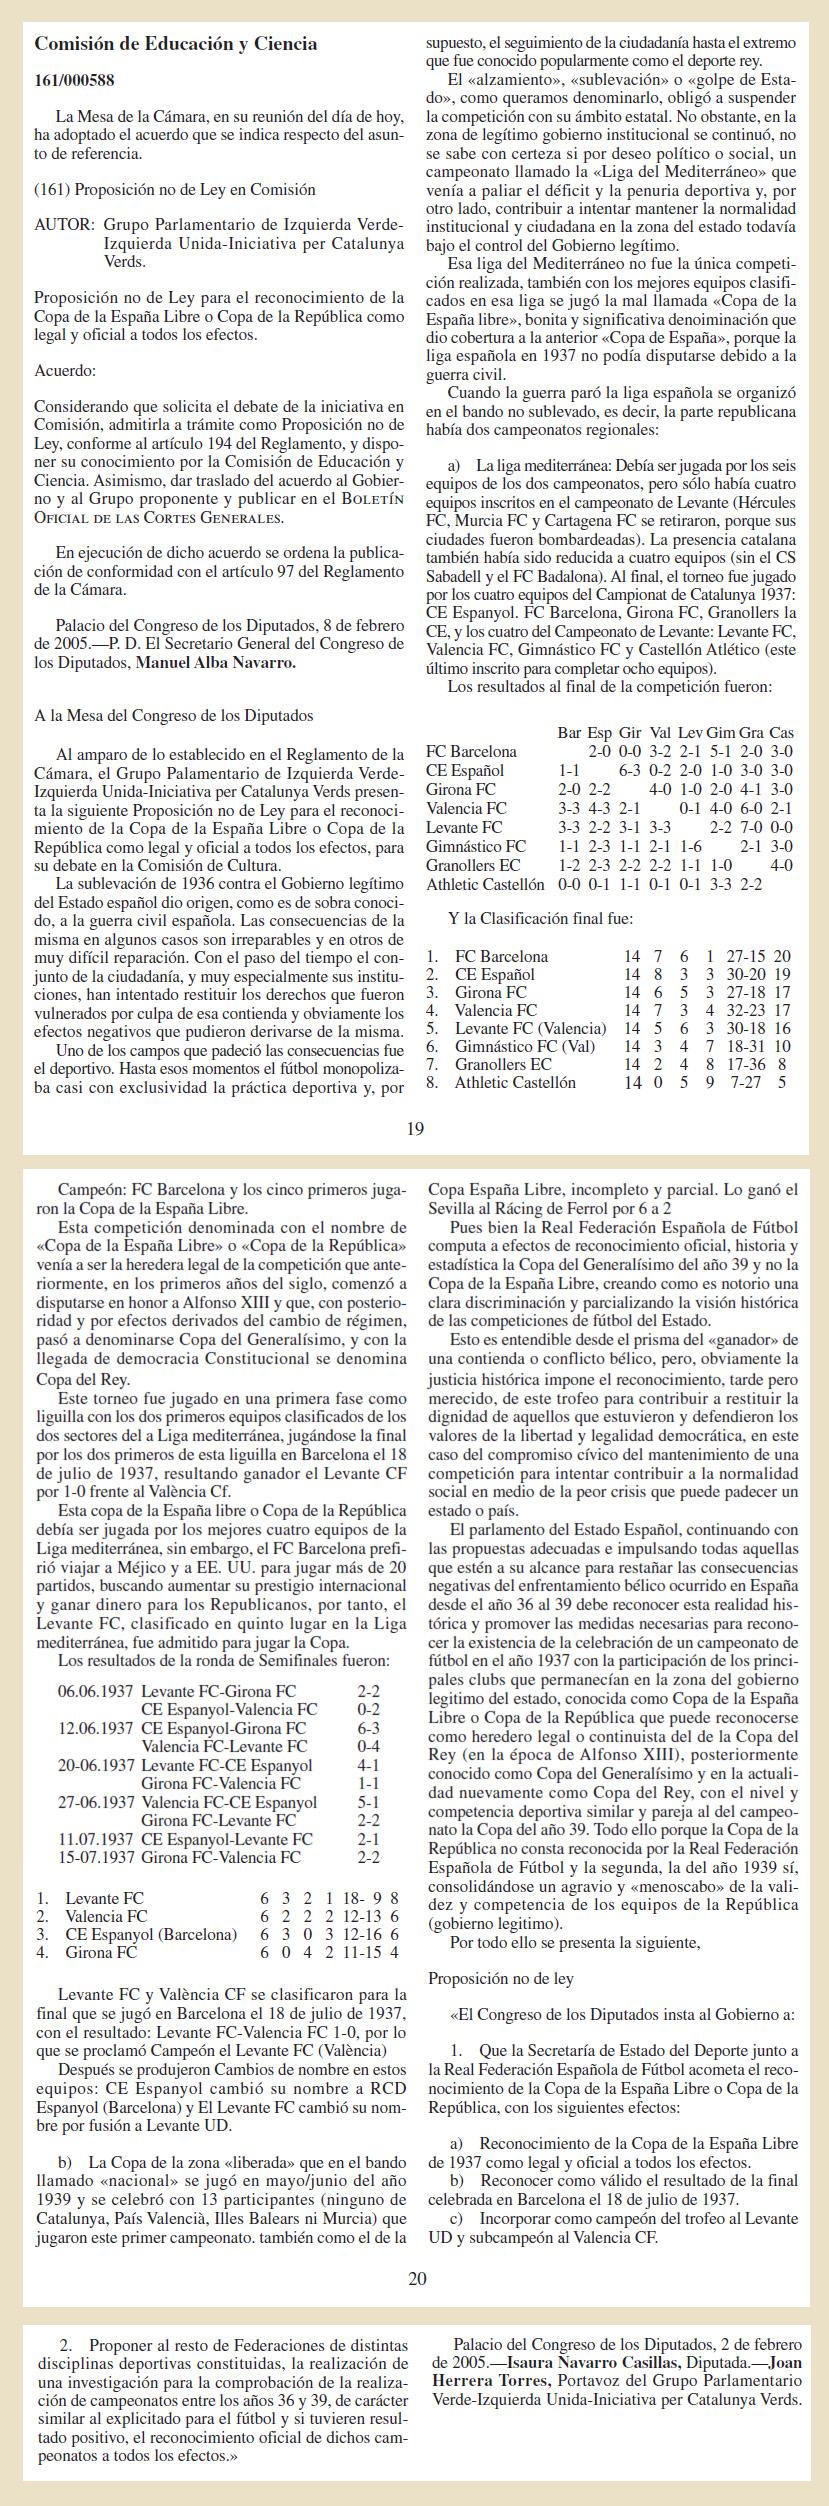 HF Copa Espana Libre 3